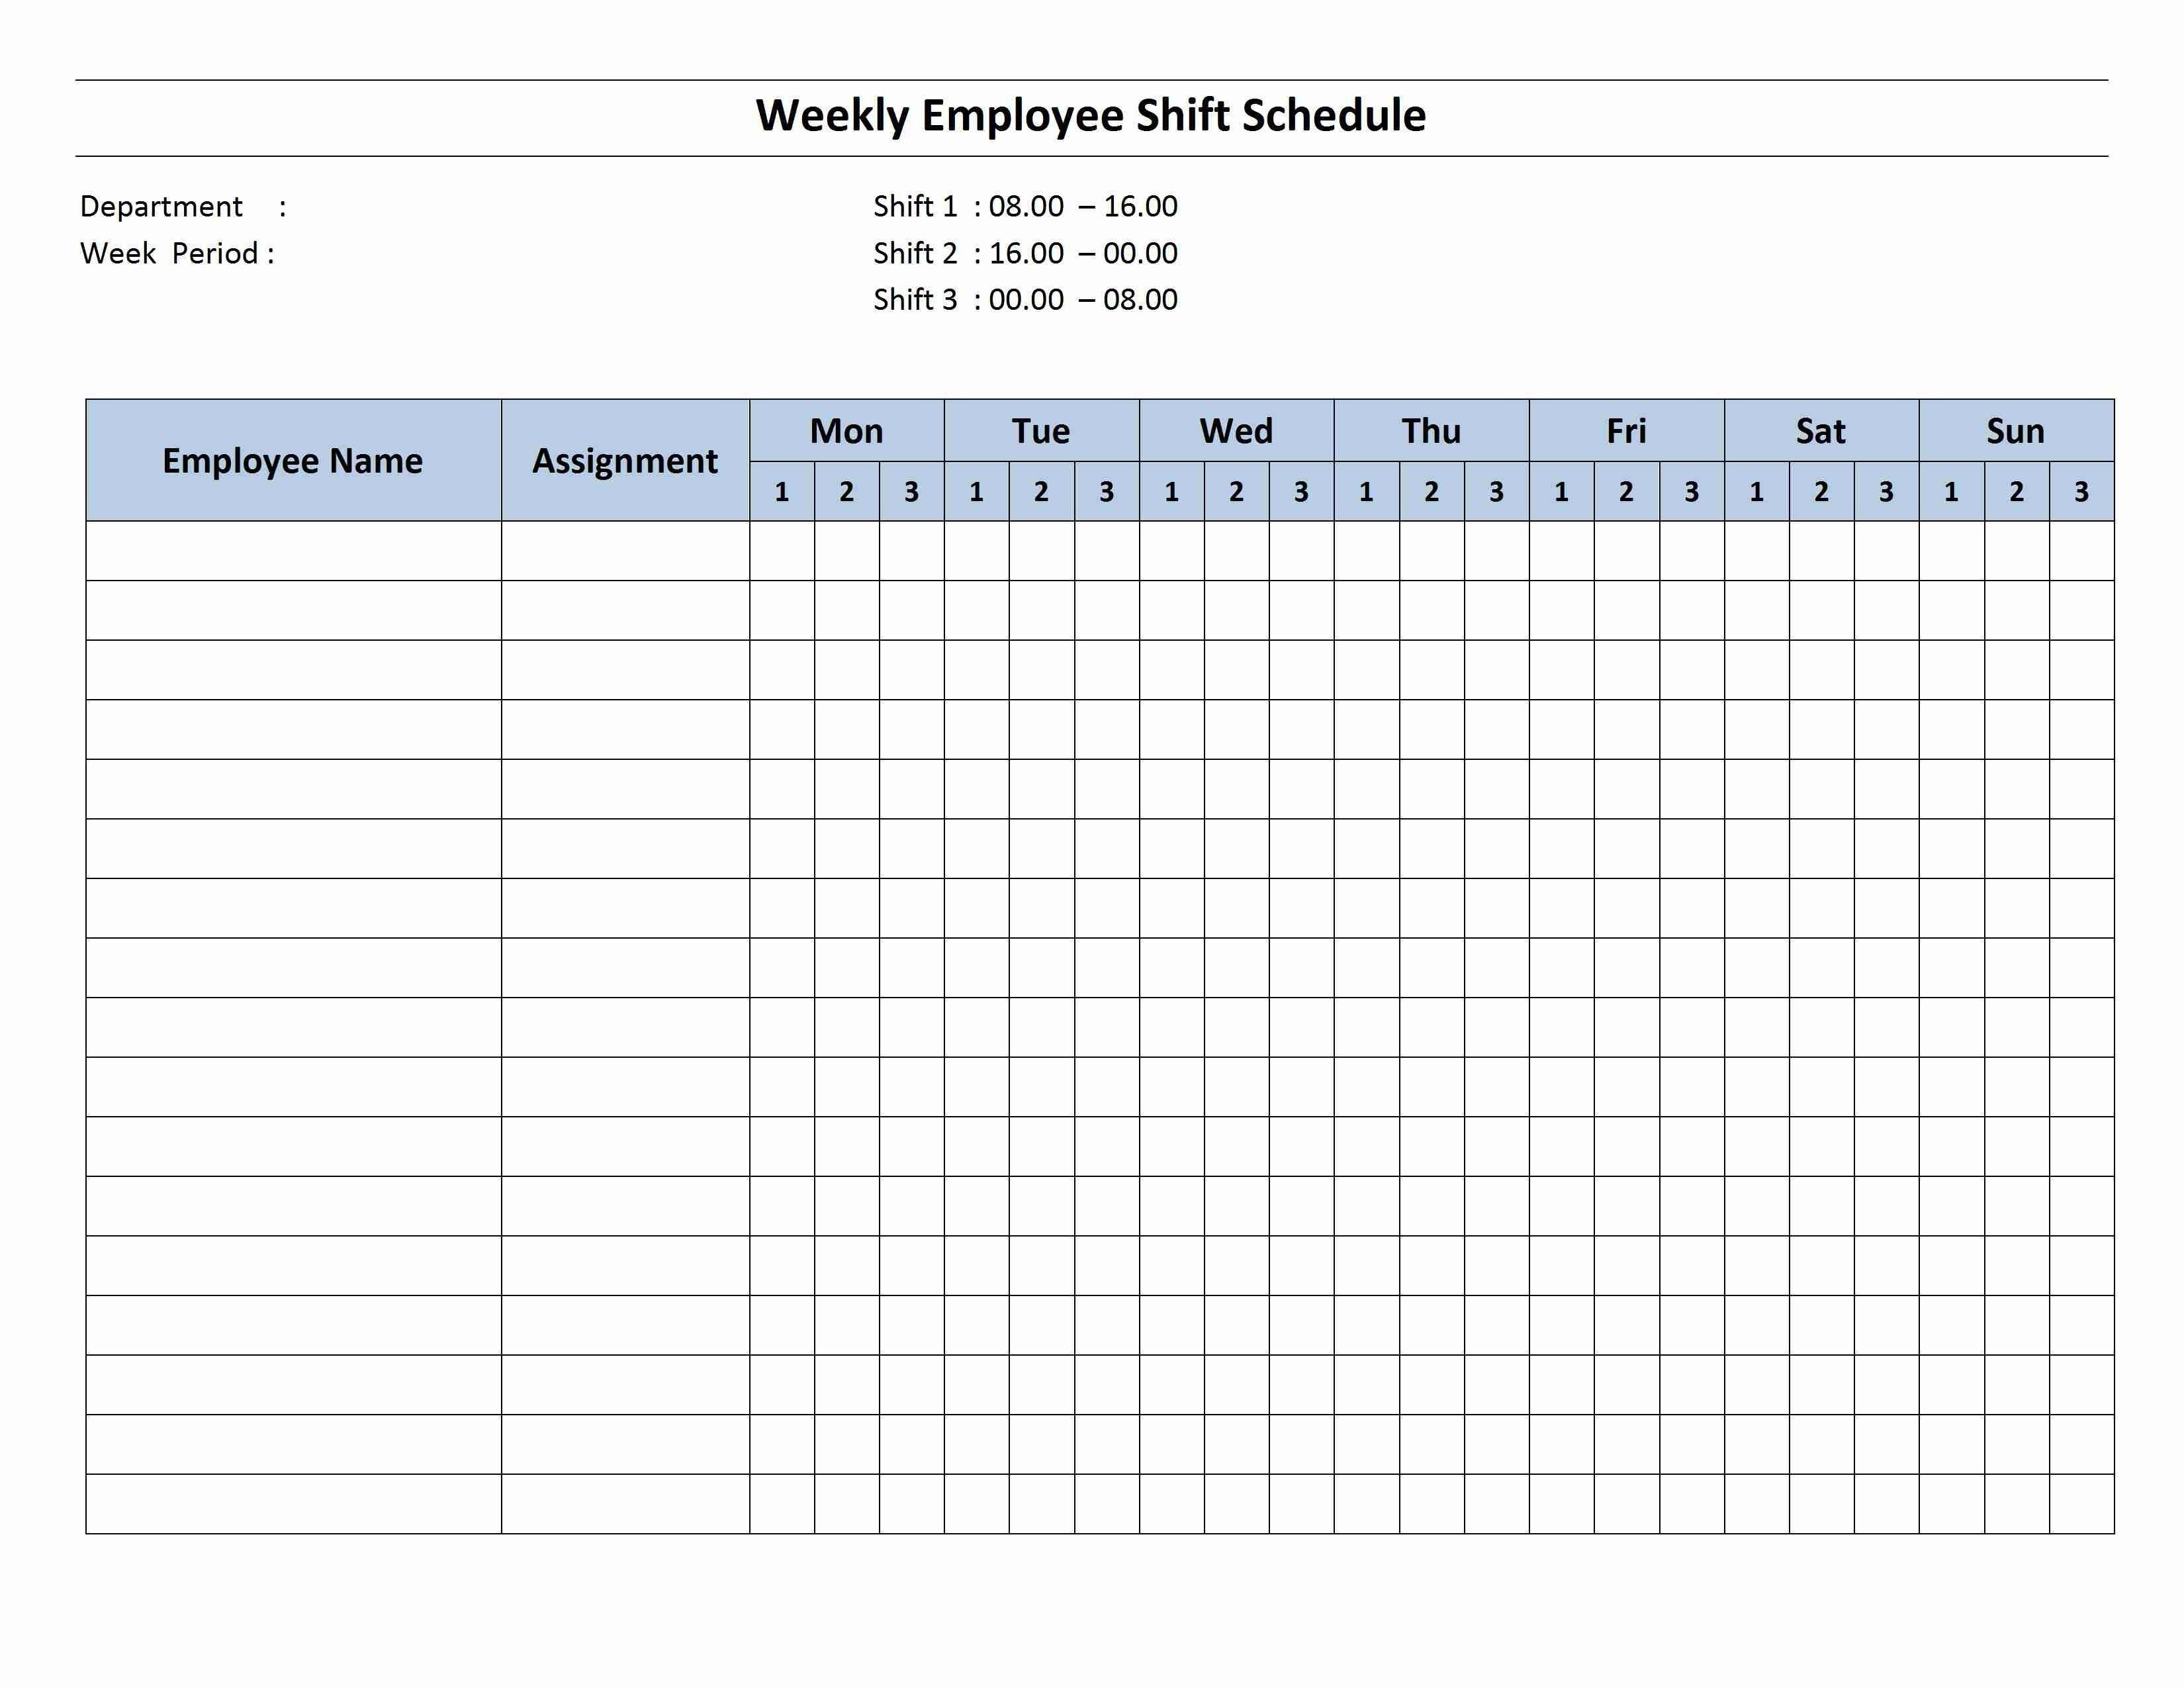 New Hourly Schedule Template Xlstemplate Xlssample Xls Xlsdata